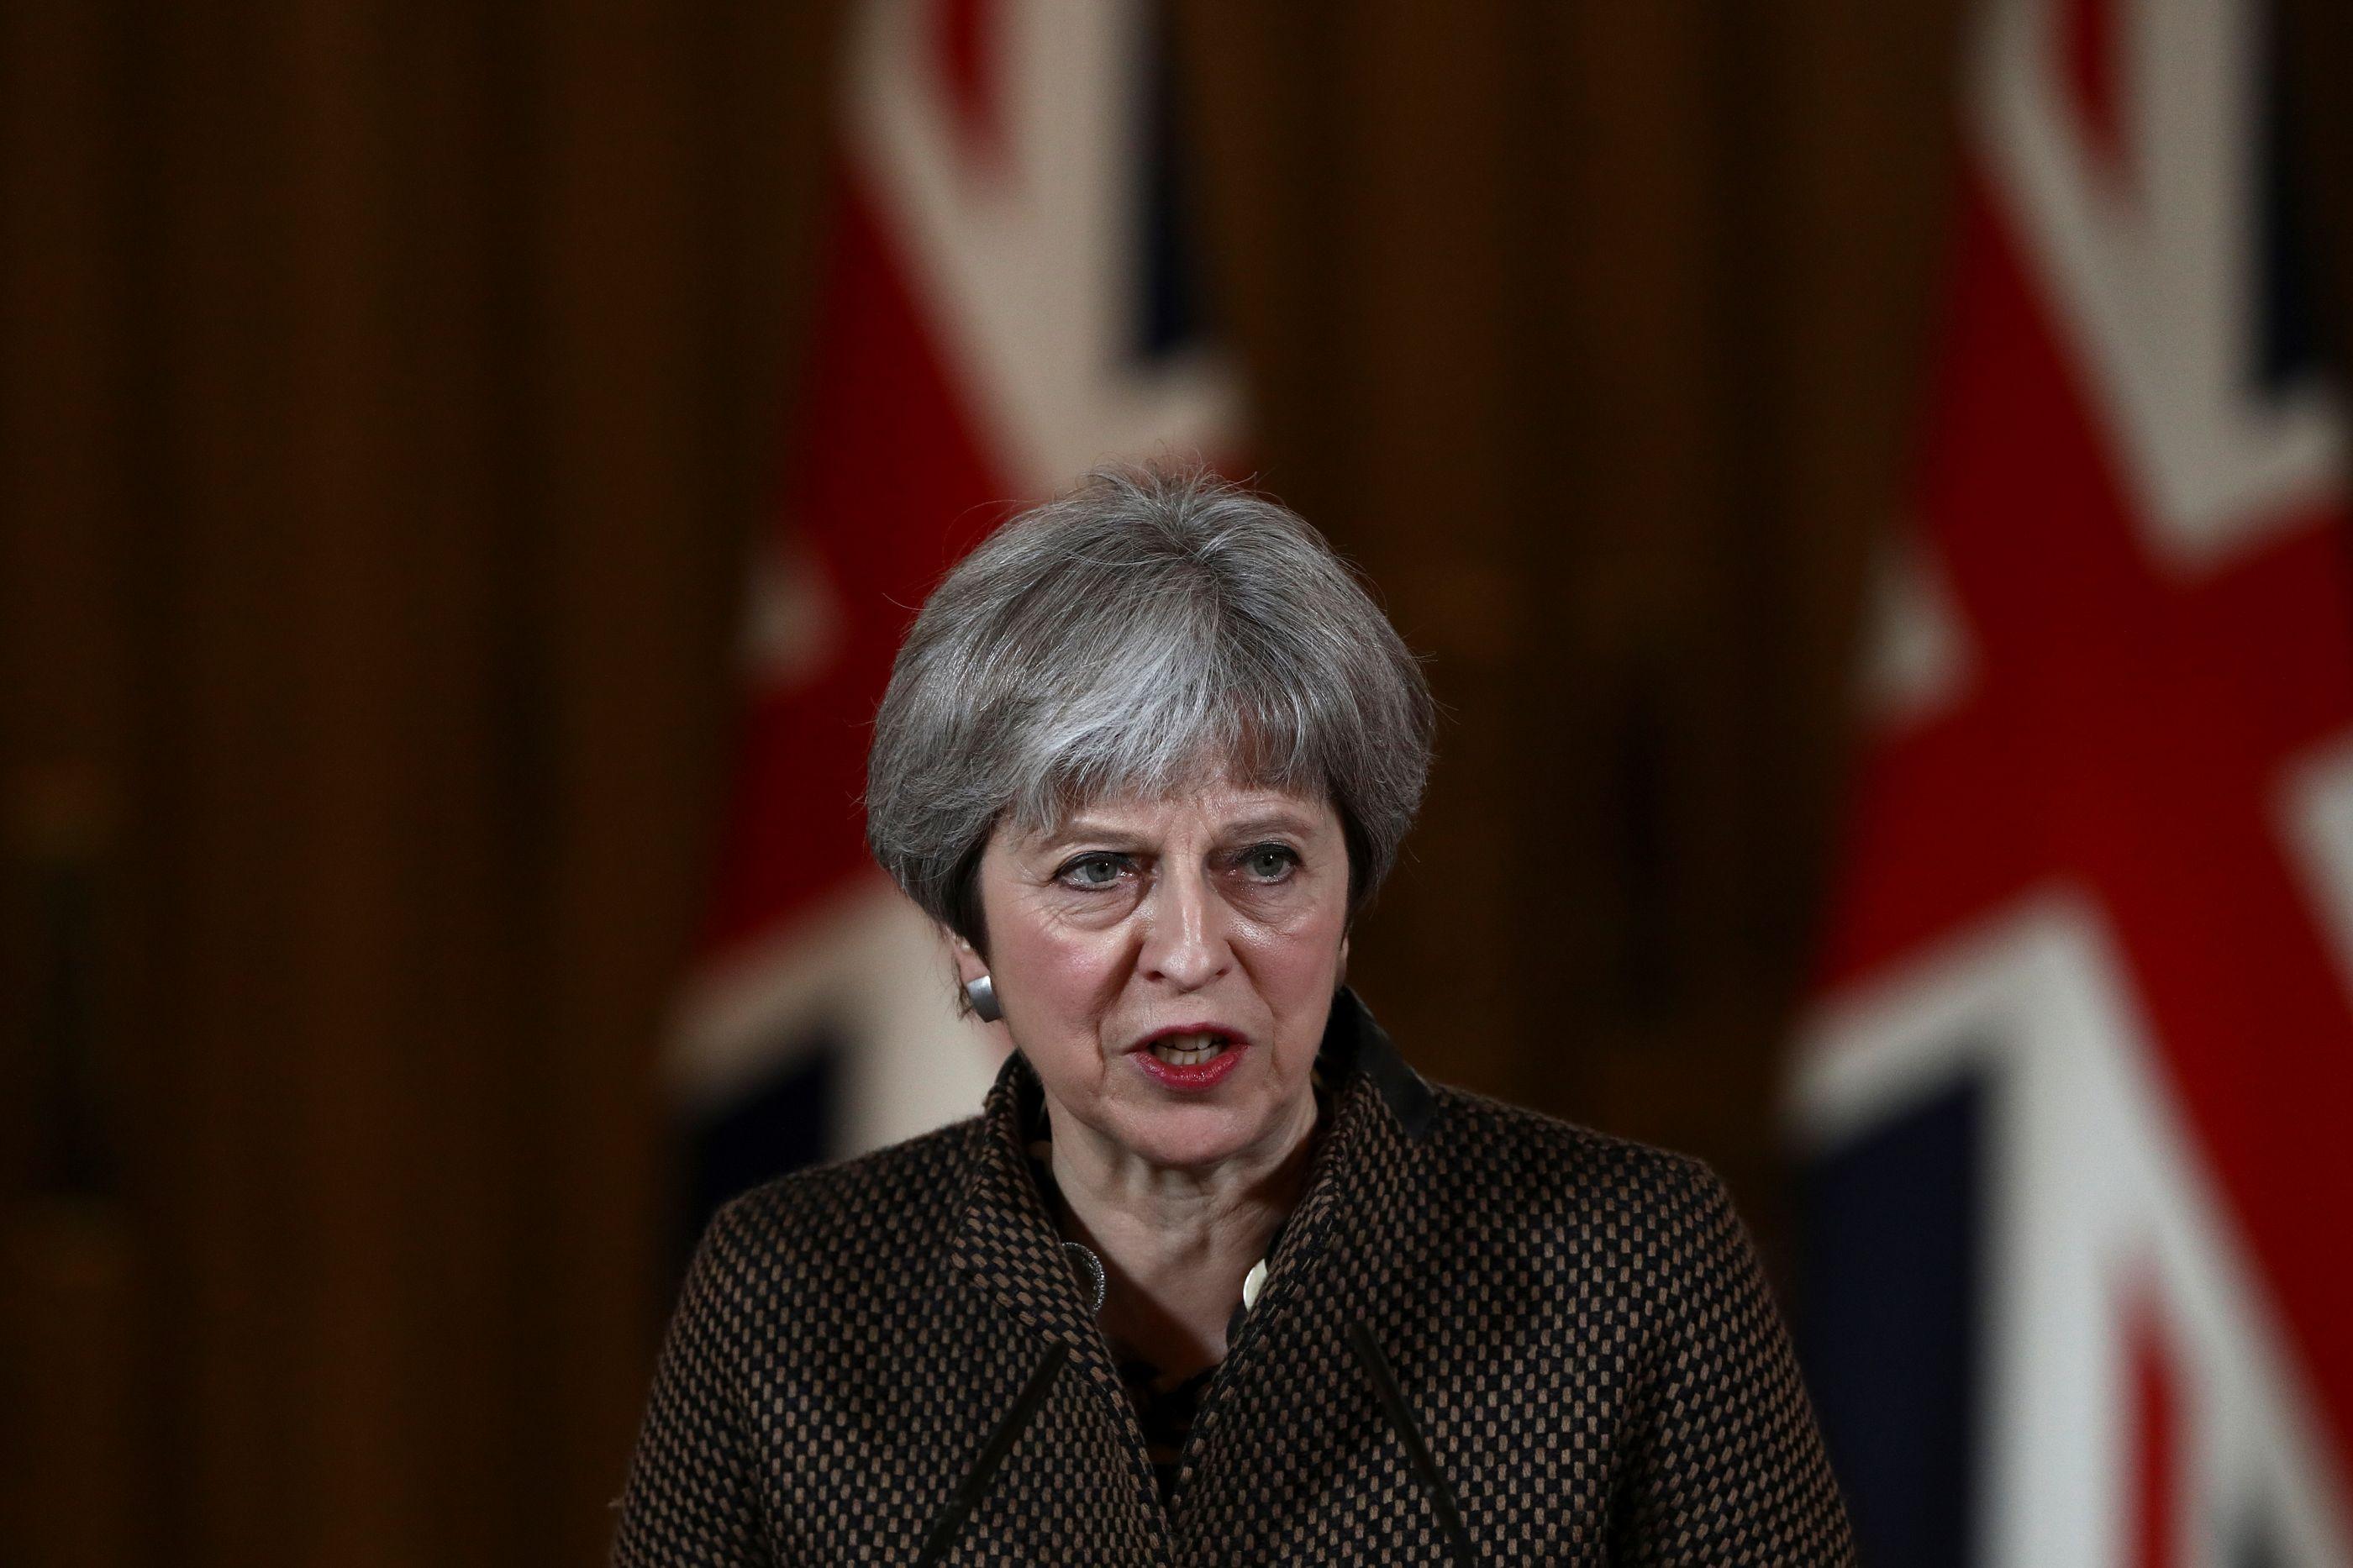 Brexit: Chumbo do acordo no parlamento põe saída em risco